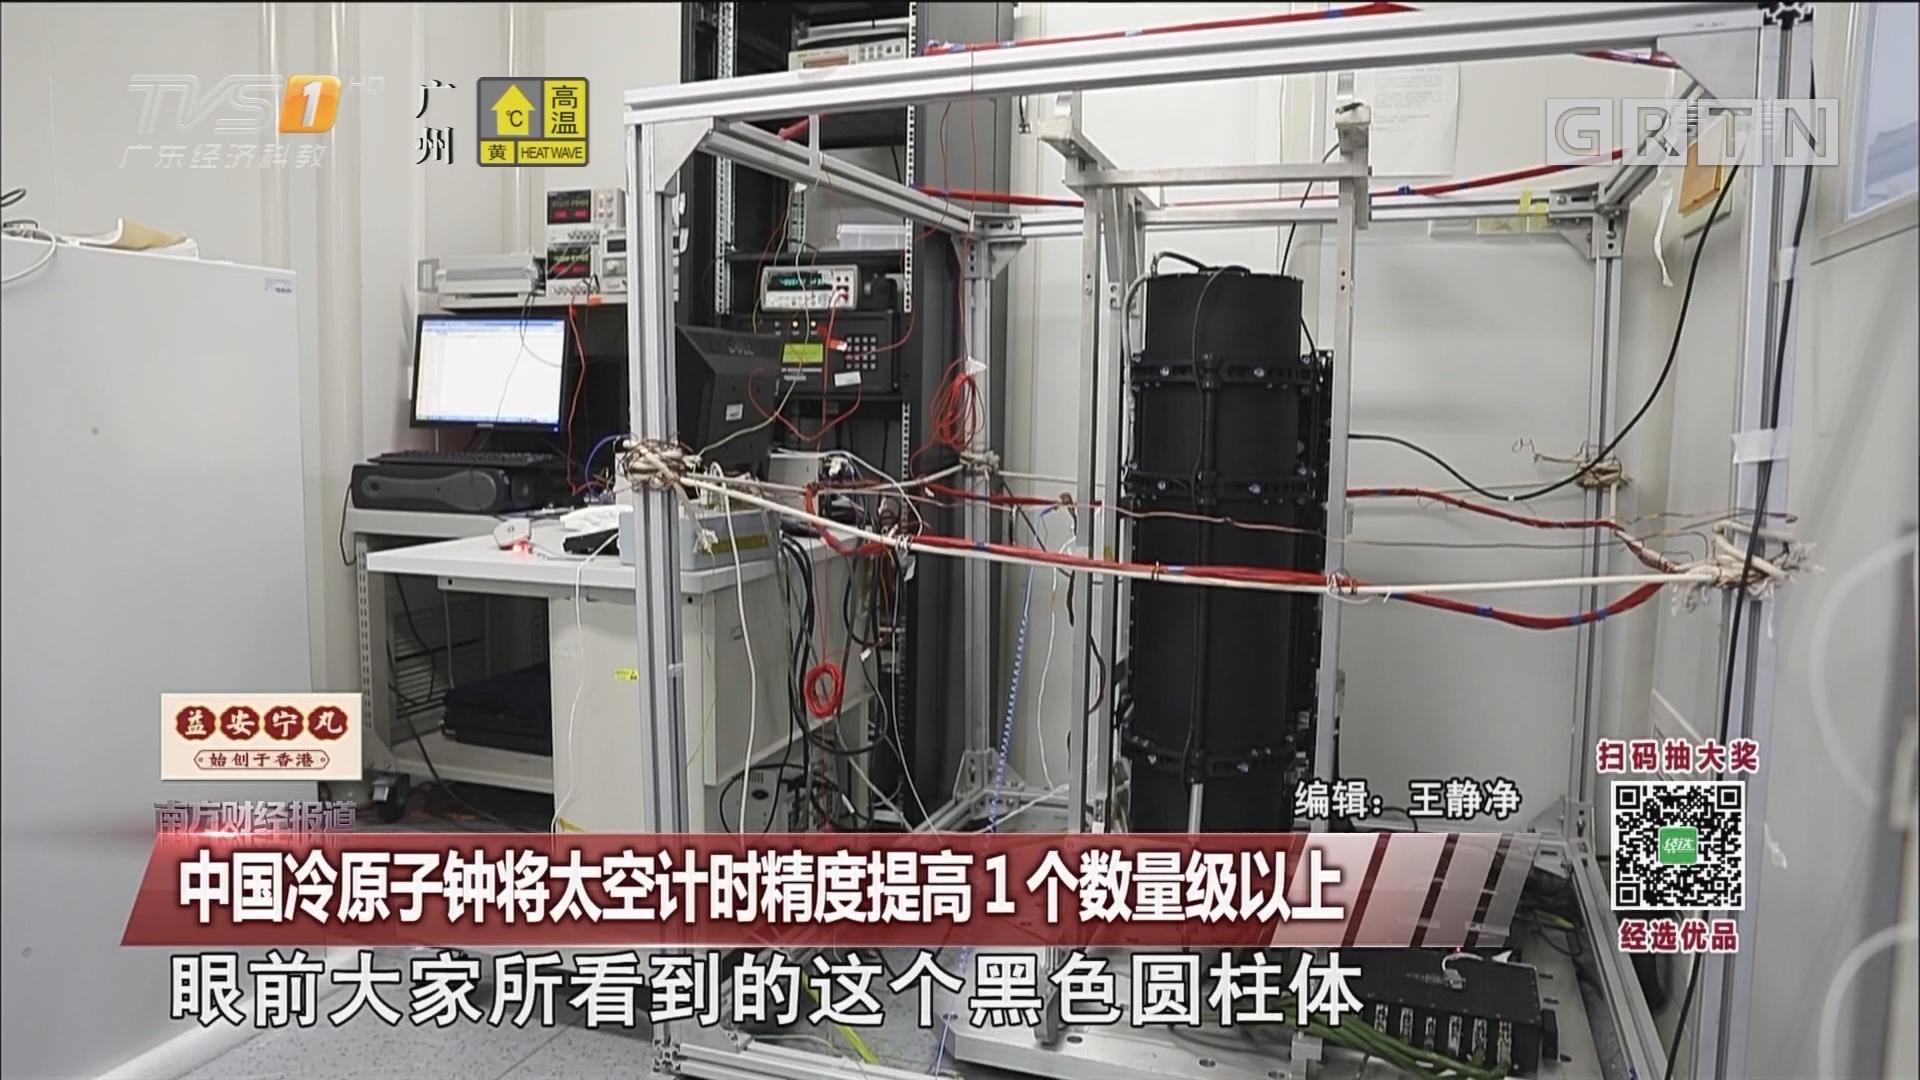 中国冷原子钟将太空计时精度提高1个数量级以上